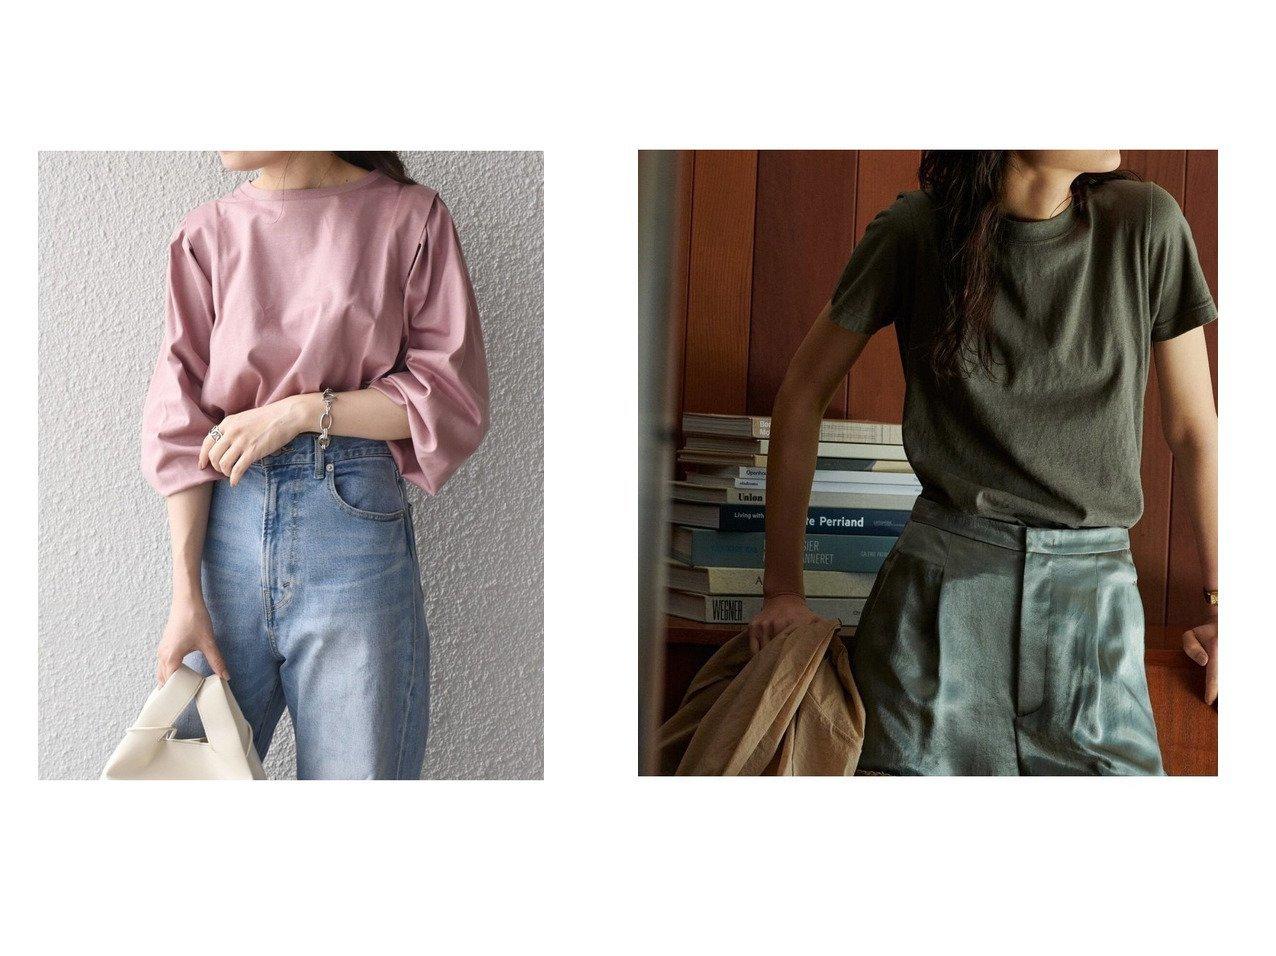 【Demi-Luxe BEAMS/デミルクス ビームス】のAK+ スラブコットン Tシャツ&【SHIPS/シップス フォー ウィメン】の【WEB限定】タックデザインロングTEE 【トップス・カットソー】おすすめ!人気、トレンド・レディースファッションの通販 おすすめで人気の流行・トレンド、ファッションの通販商品 インテリア・家具・メンズファッション・キッズファッション・レディースファッション・服の通販 founy(ファニー) https://founy.com/ ファッション Fashion レディースファッション WOMEN トップス・カットソー Tops/Tshirt シャツ/ブラウス Shirts/Blouses ロング / Tシャツ T-Shirts カットソー Cut and Sewn カットソー コンパクト ネップ パターン ベーシック メンズ 定番 Standard |ID:crp329100000062718